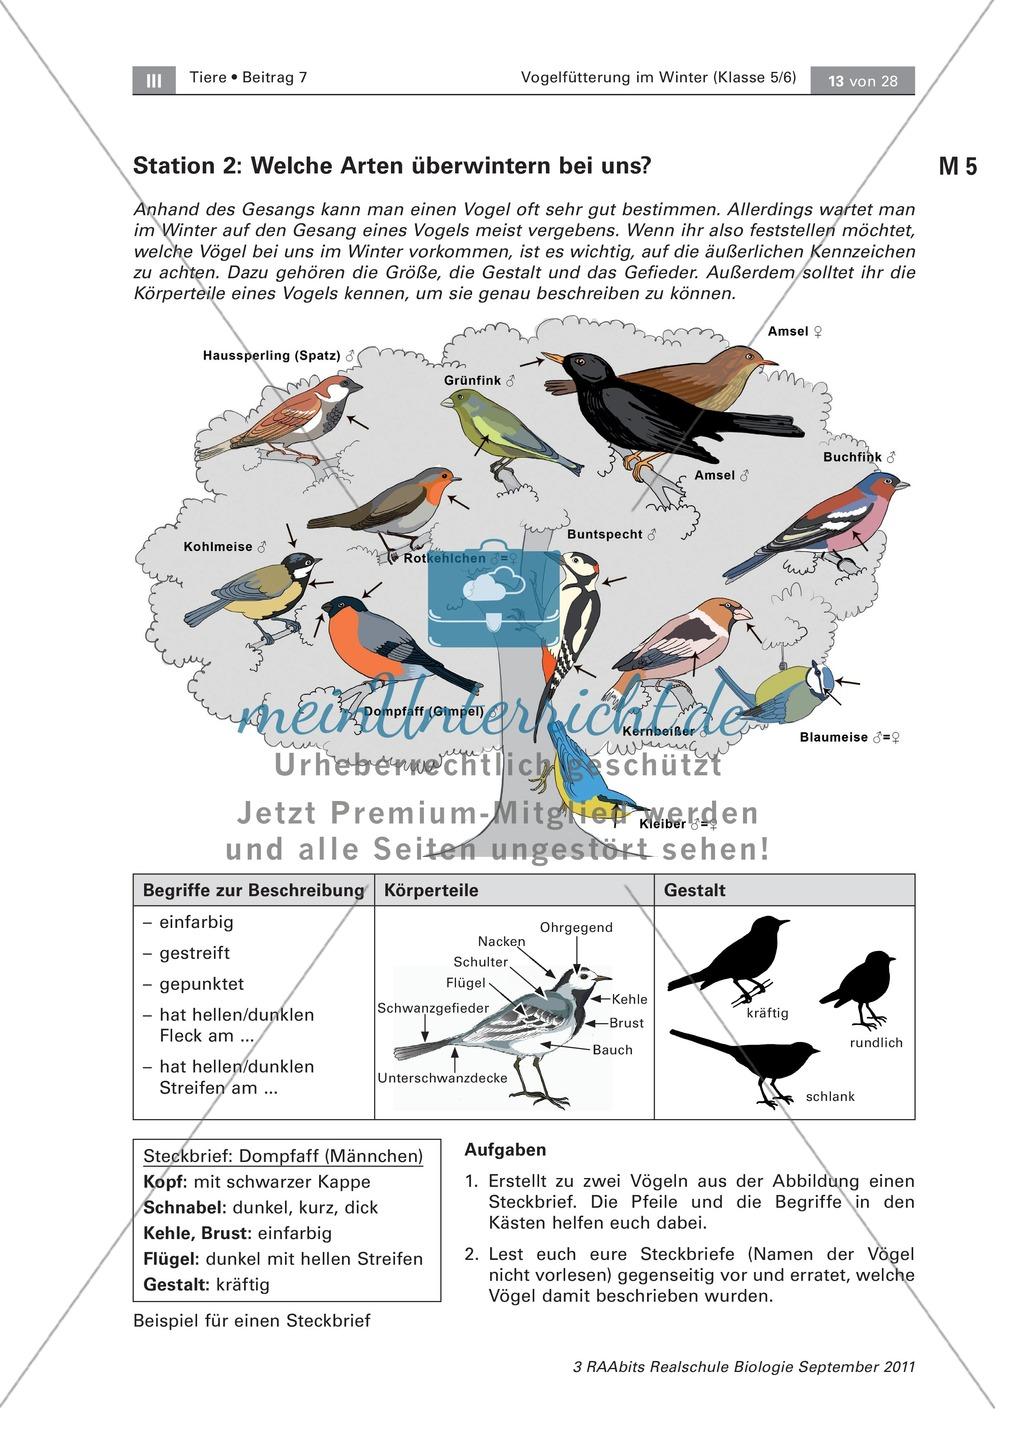 Überwinterung und Fütterung von Vögeln: Stationsarbeit, Herstellung einer Broschüre Preview 3